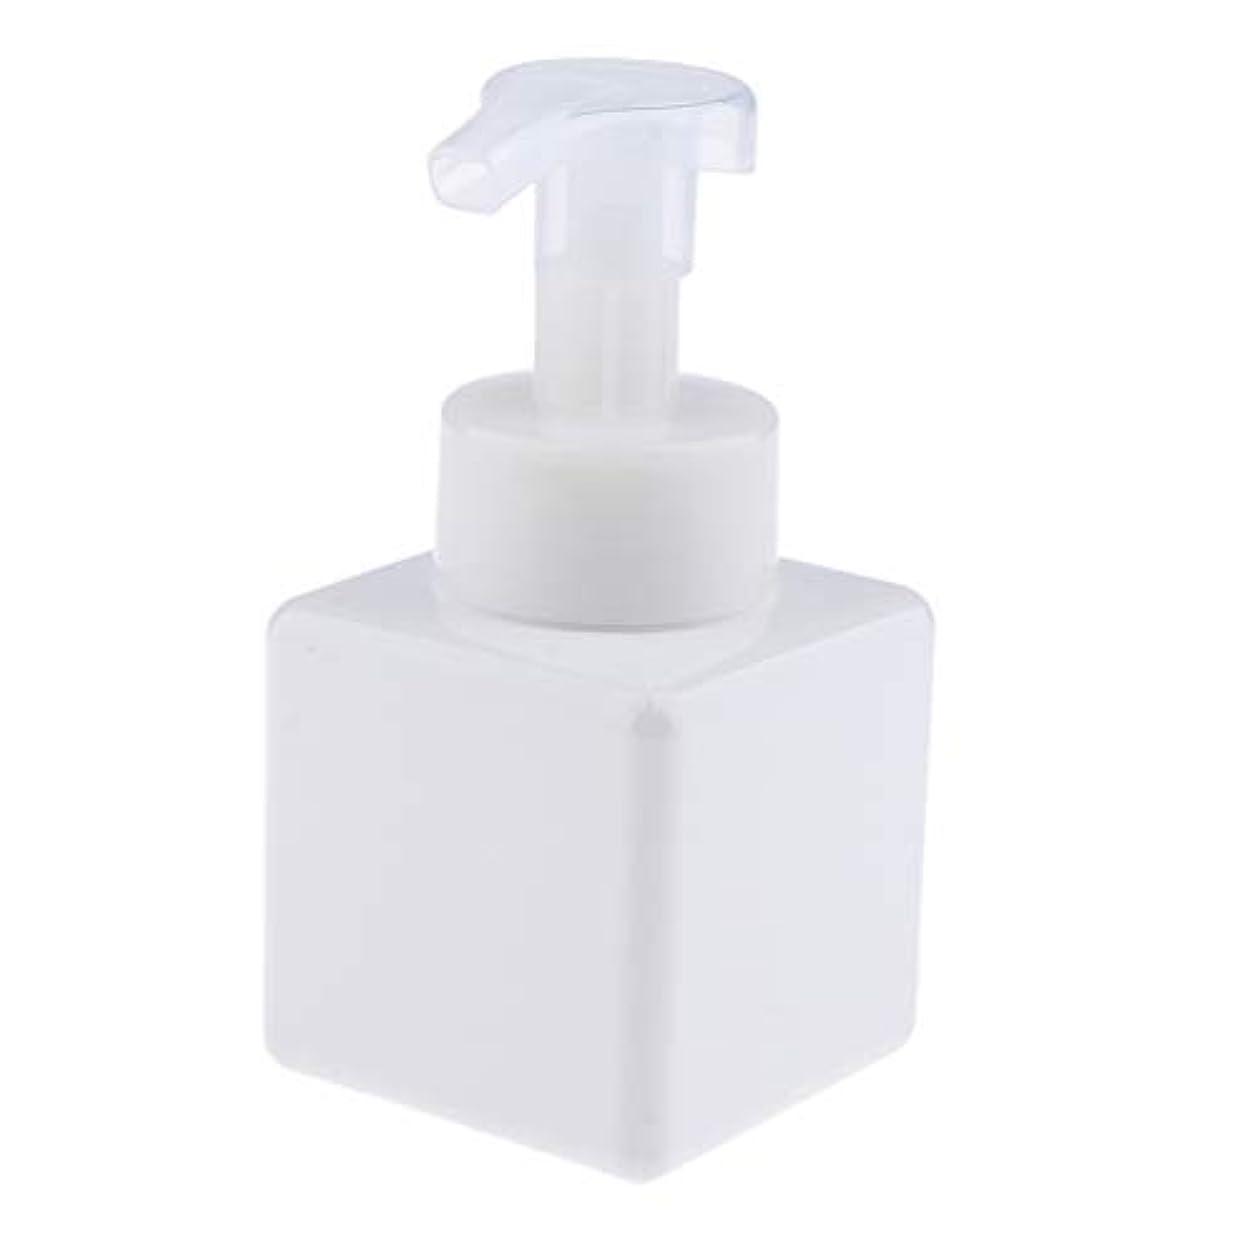 ダーススプリット調べる浴室の台所ホテル用 詰め替え式 泡立つ石鹸ディスペンサーポンプびん 正方形 250ml - 白